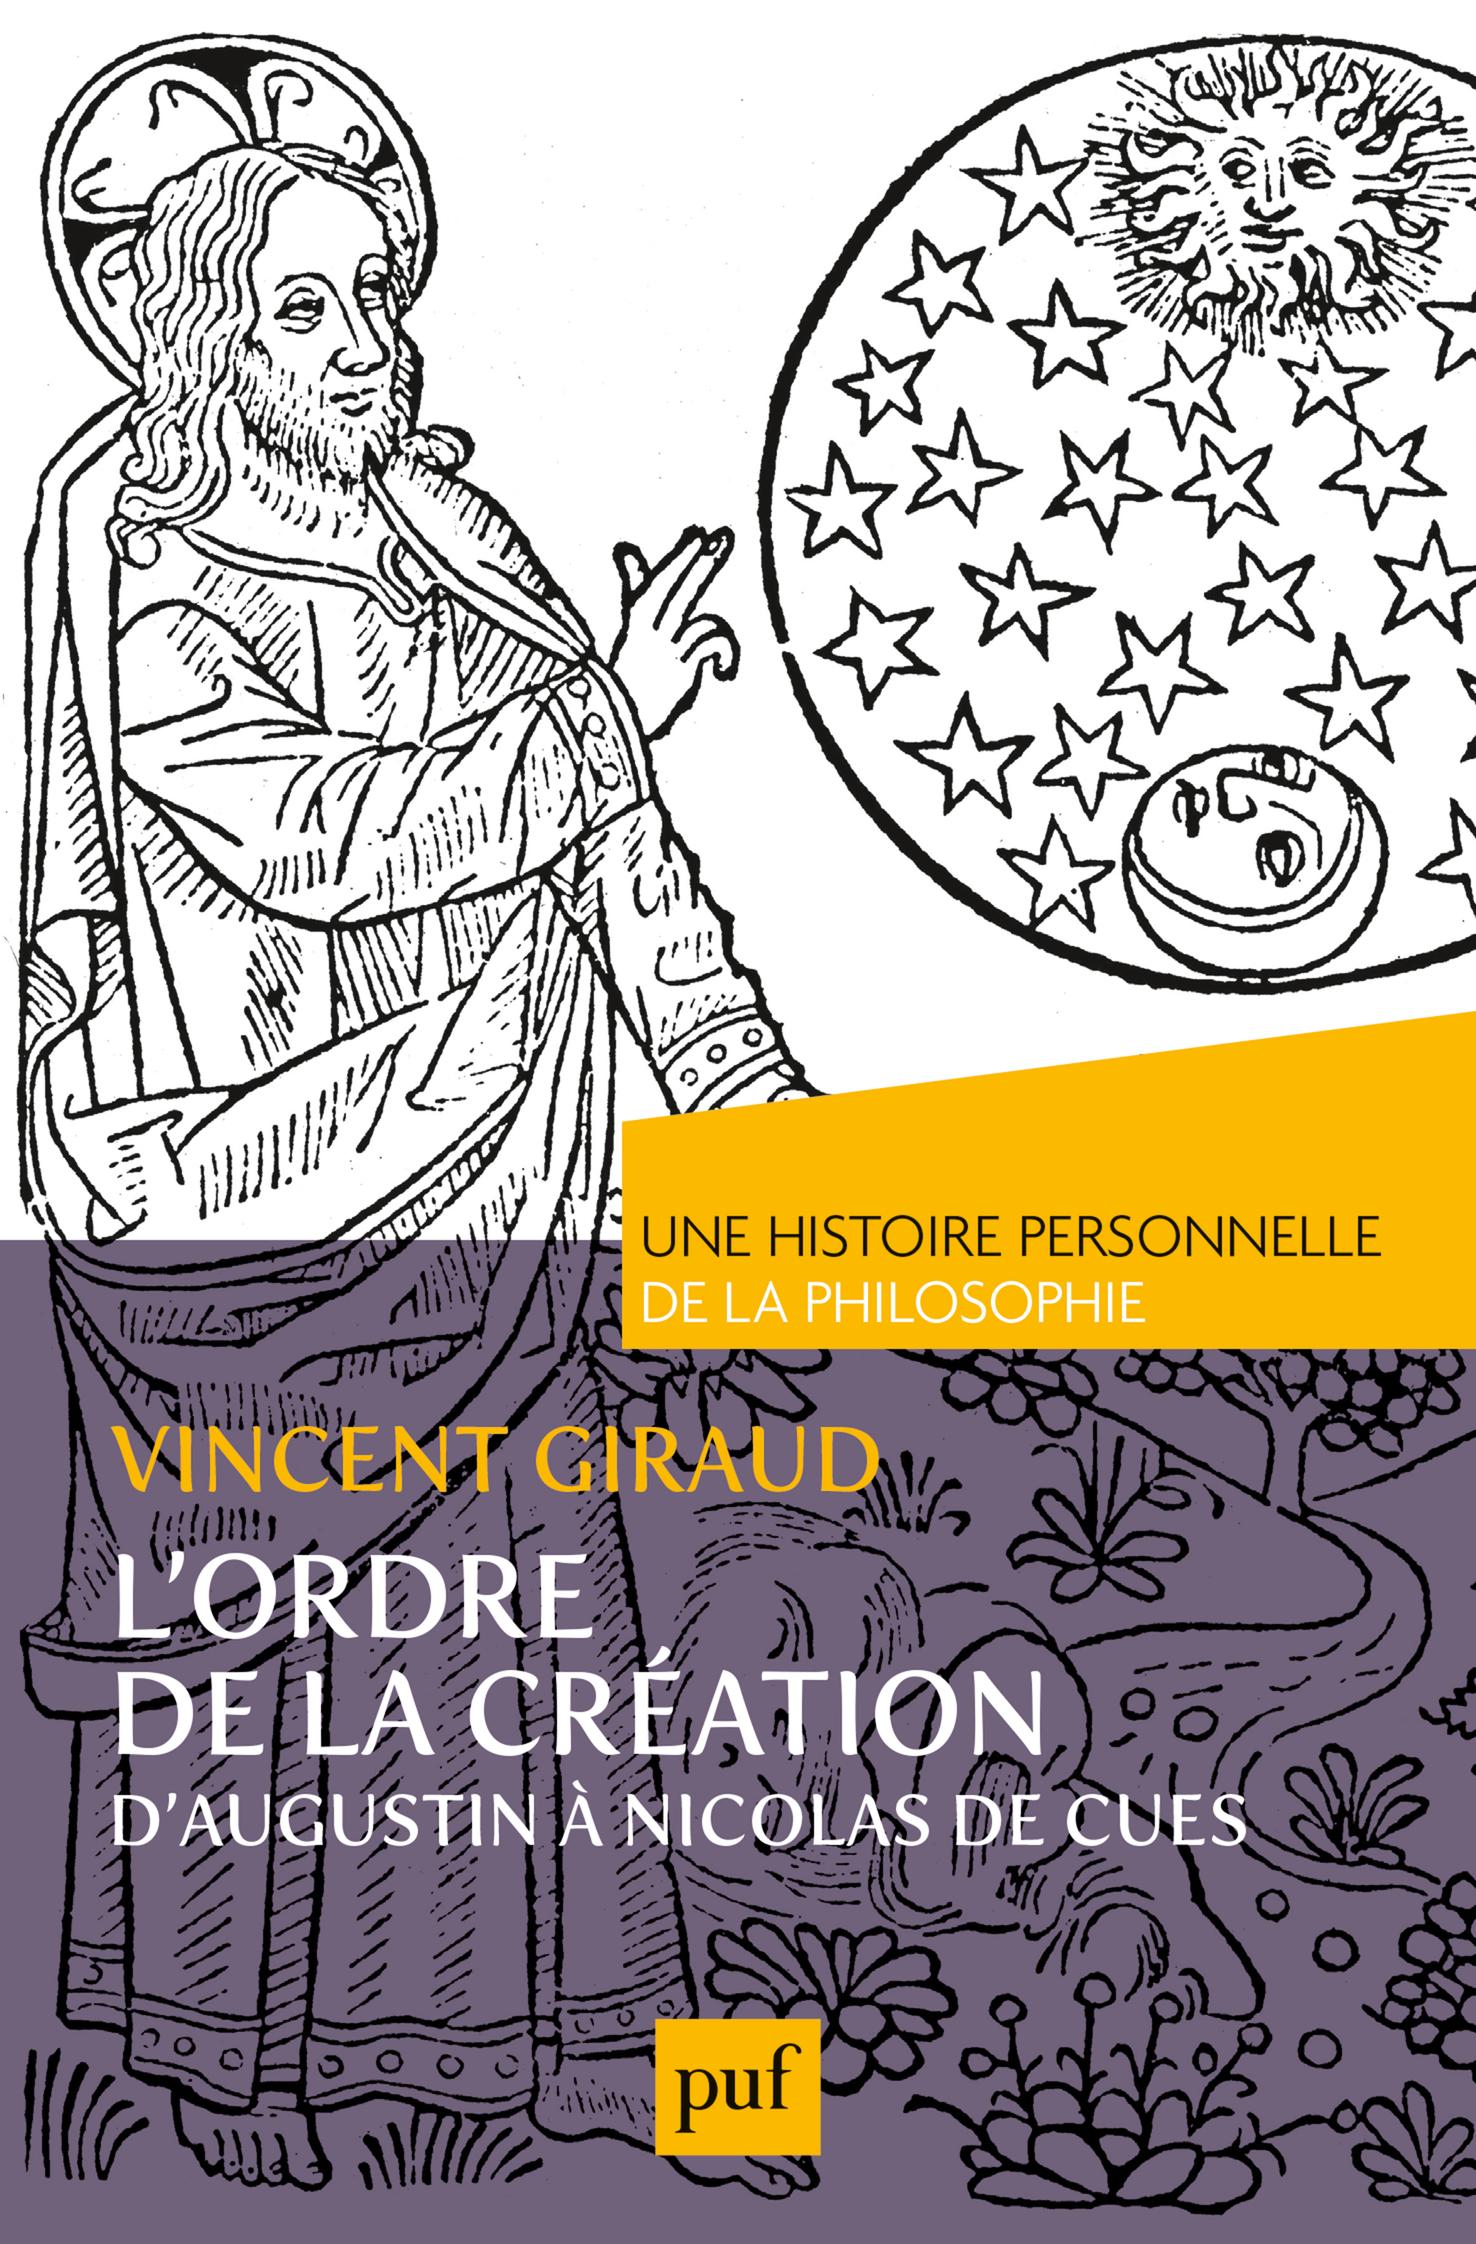 L'ORDRE DE LA CREATION.  UNE HISTOIRE PERSONNELLE DE LA PHILOSOPHIE - D'AUGUSTIN A NICOLAS DE CUES